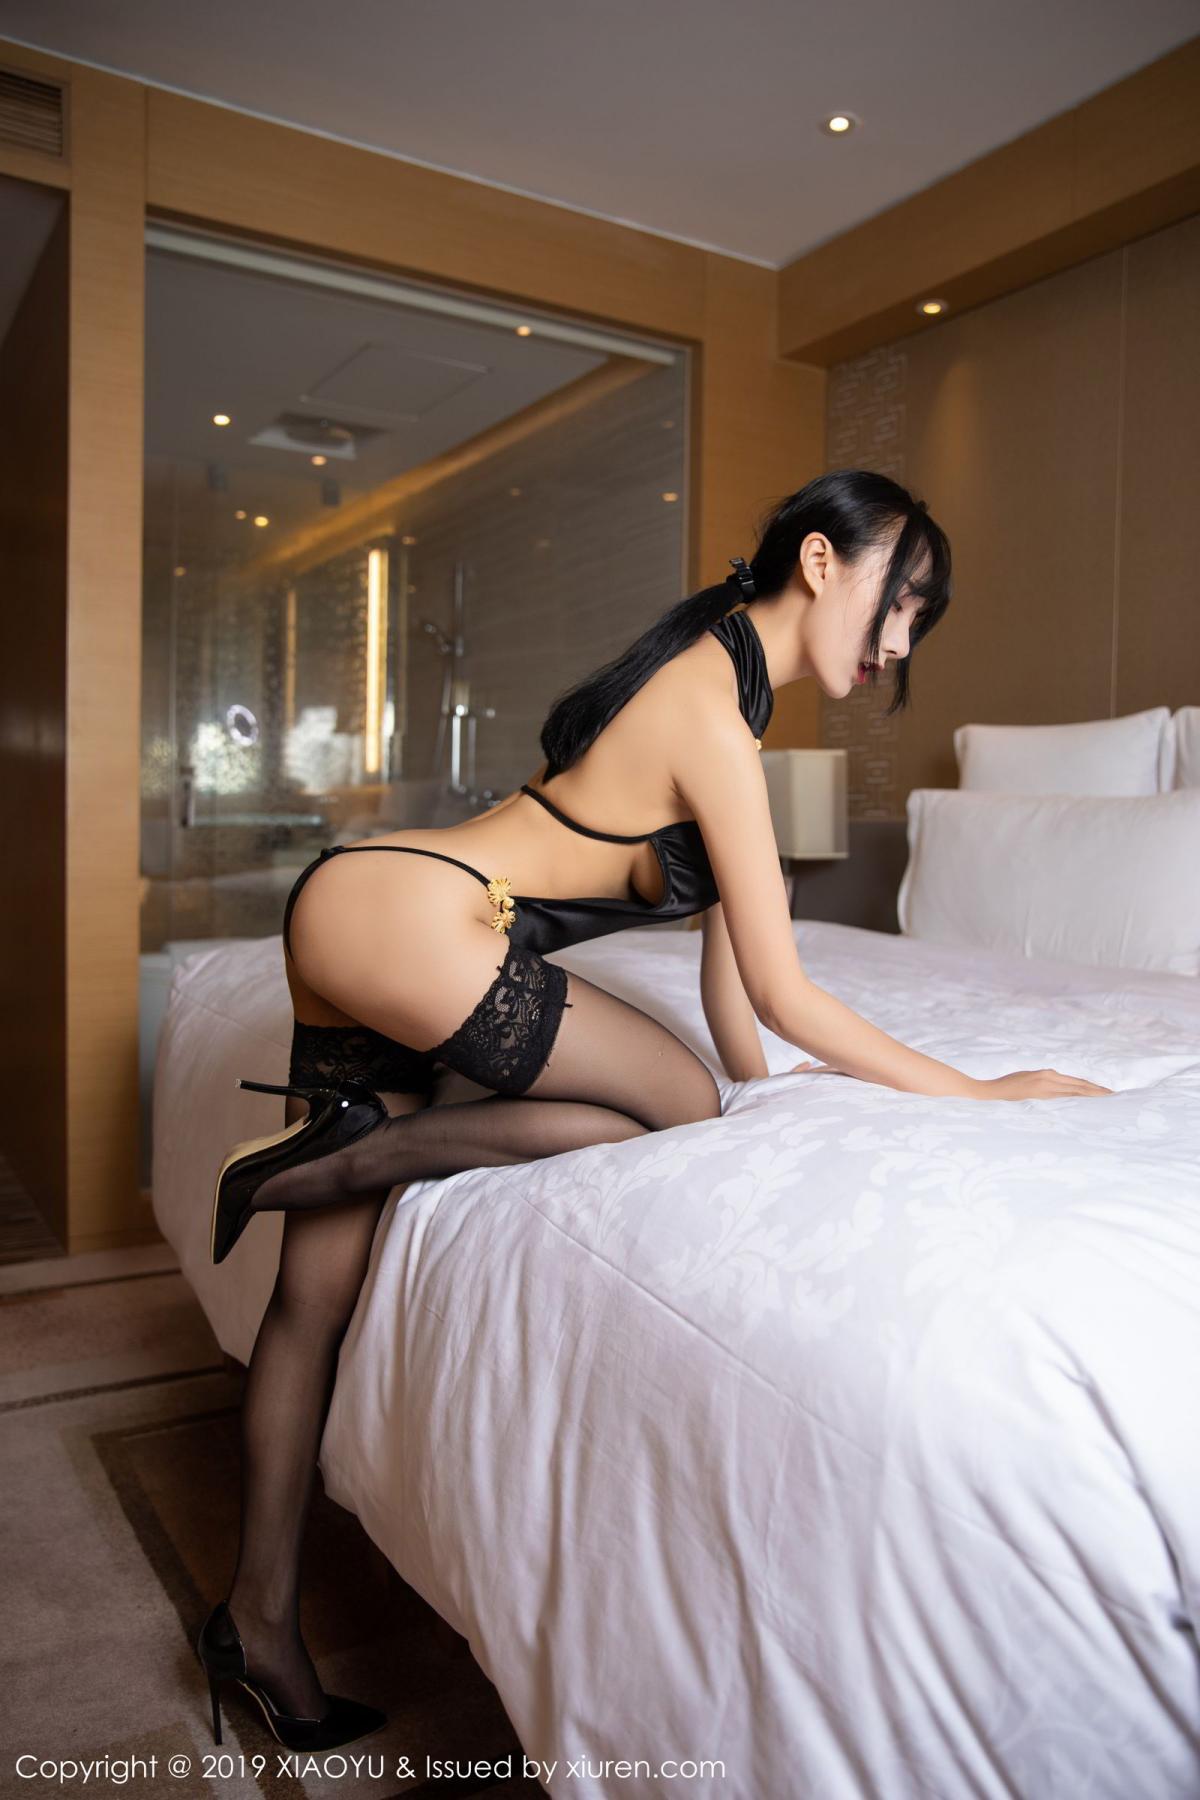 [XiaoYu] Vol.170 He Jia Ying 11P, He Jia Ying, Tall, XiaoYu